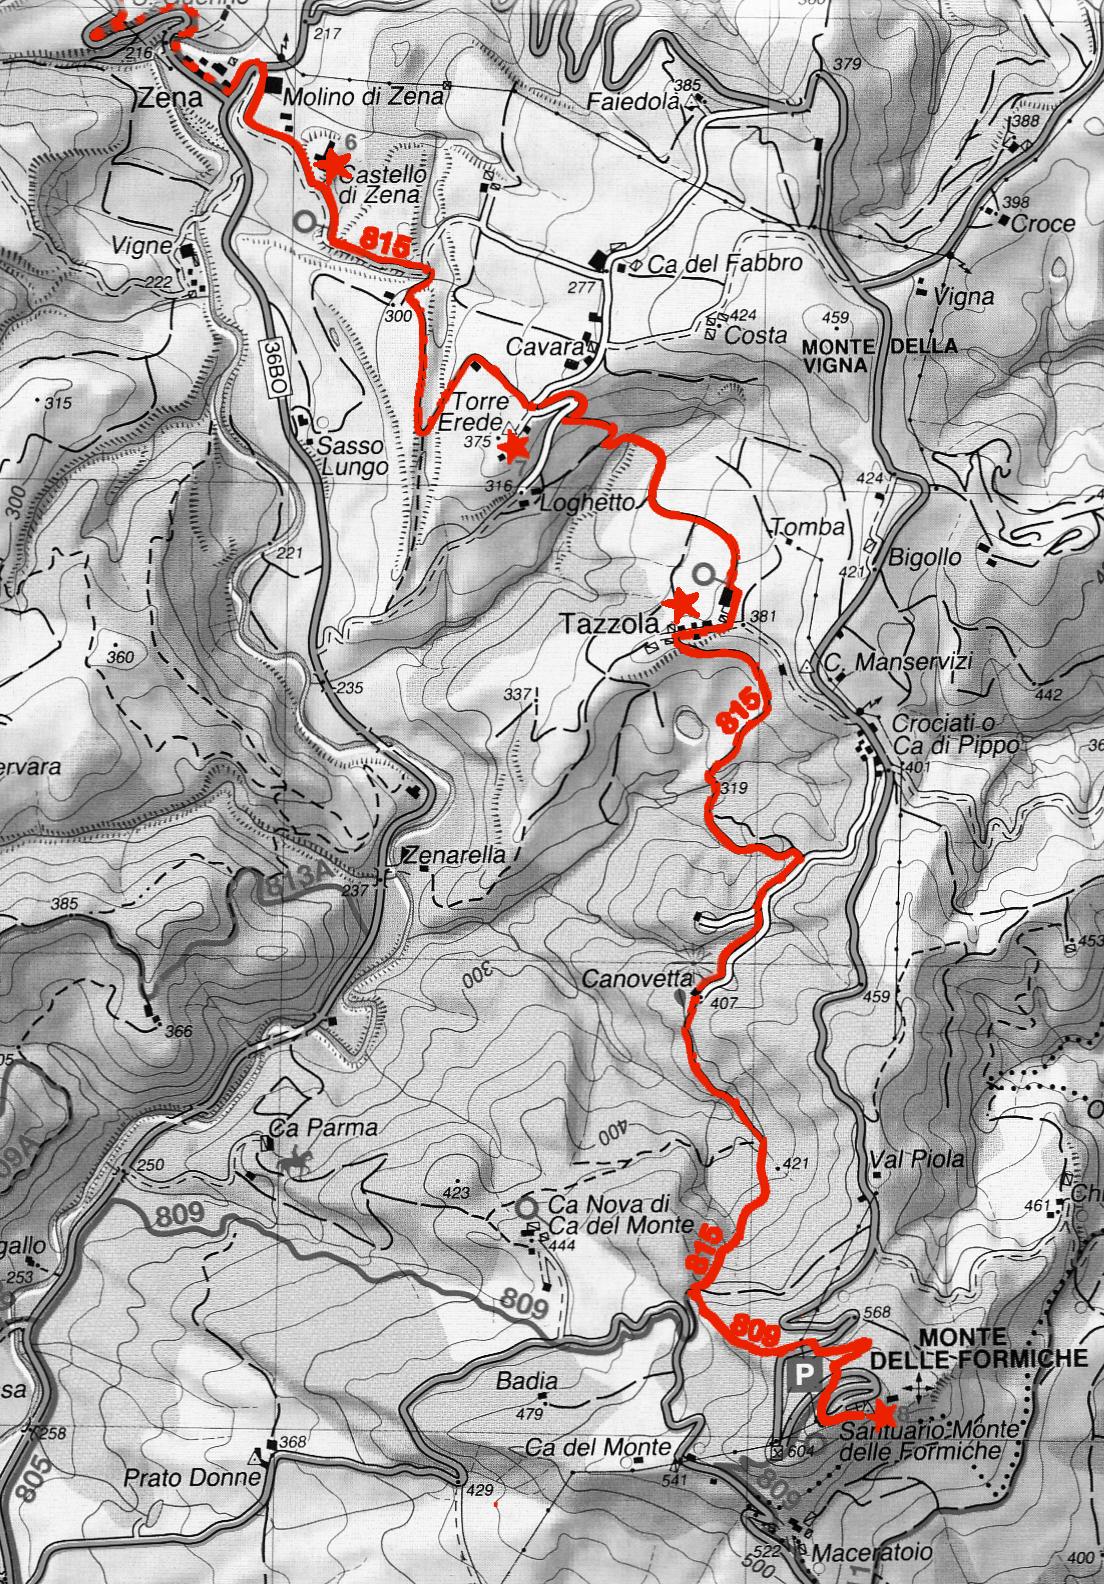 Sentiero Zena Monte delle Formiche